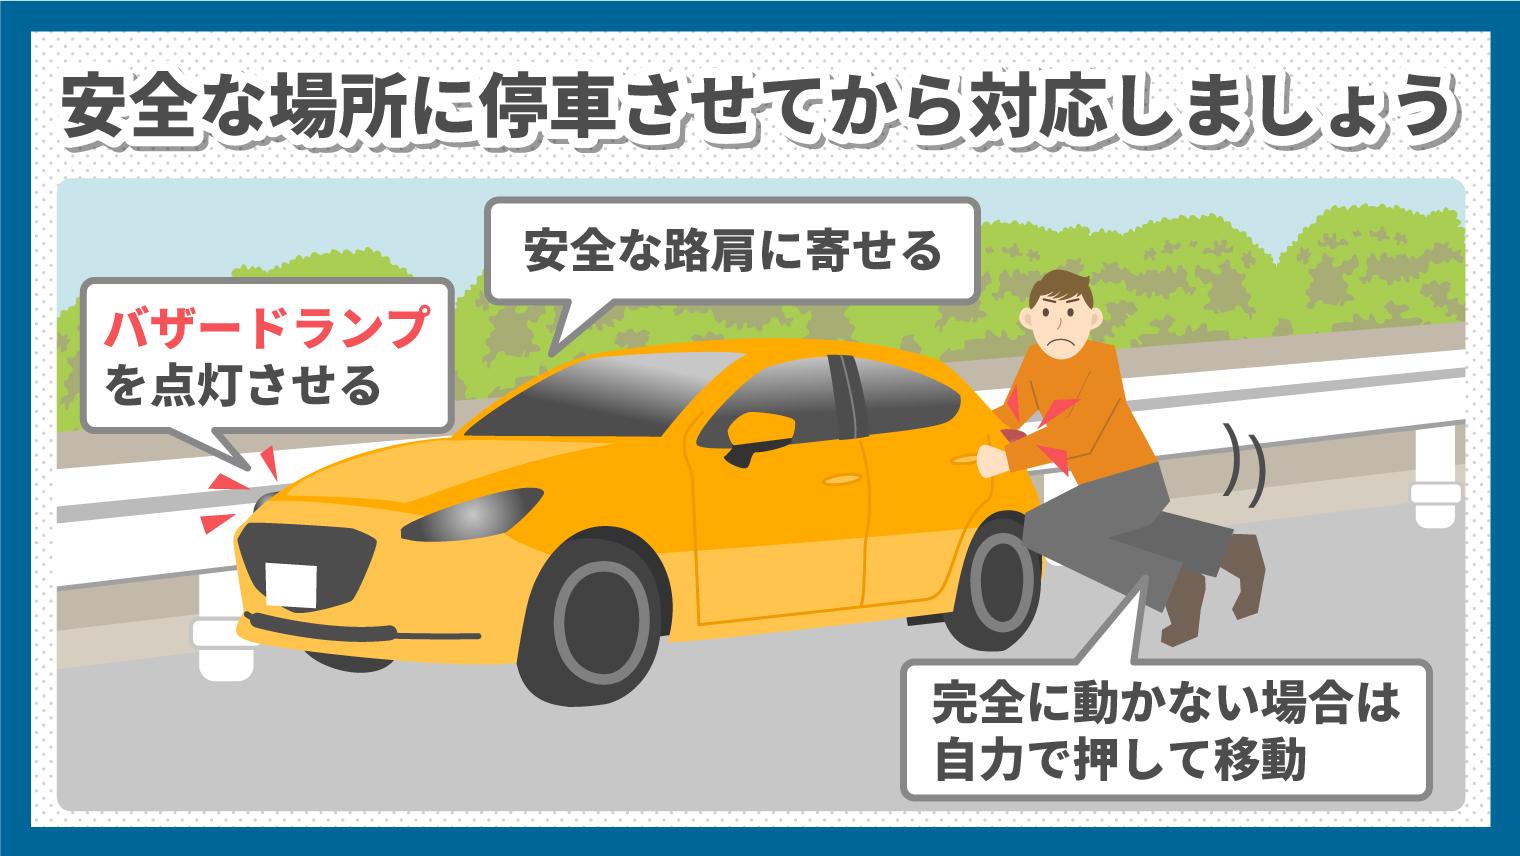 ガス欠になったら安全な場所にまずは停車させる